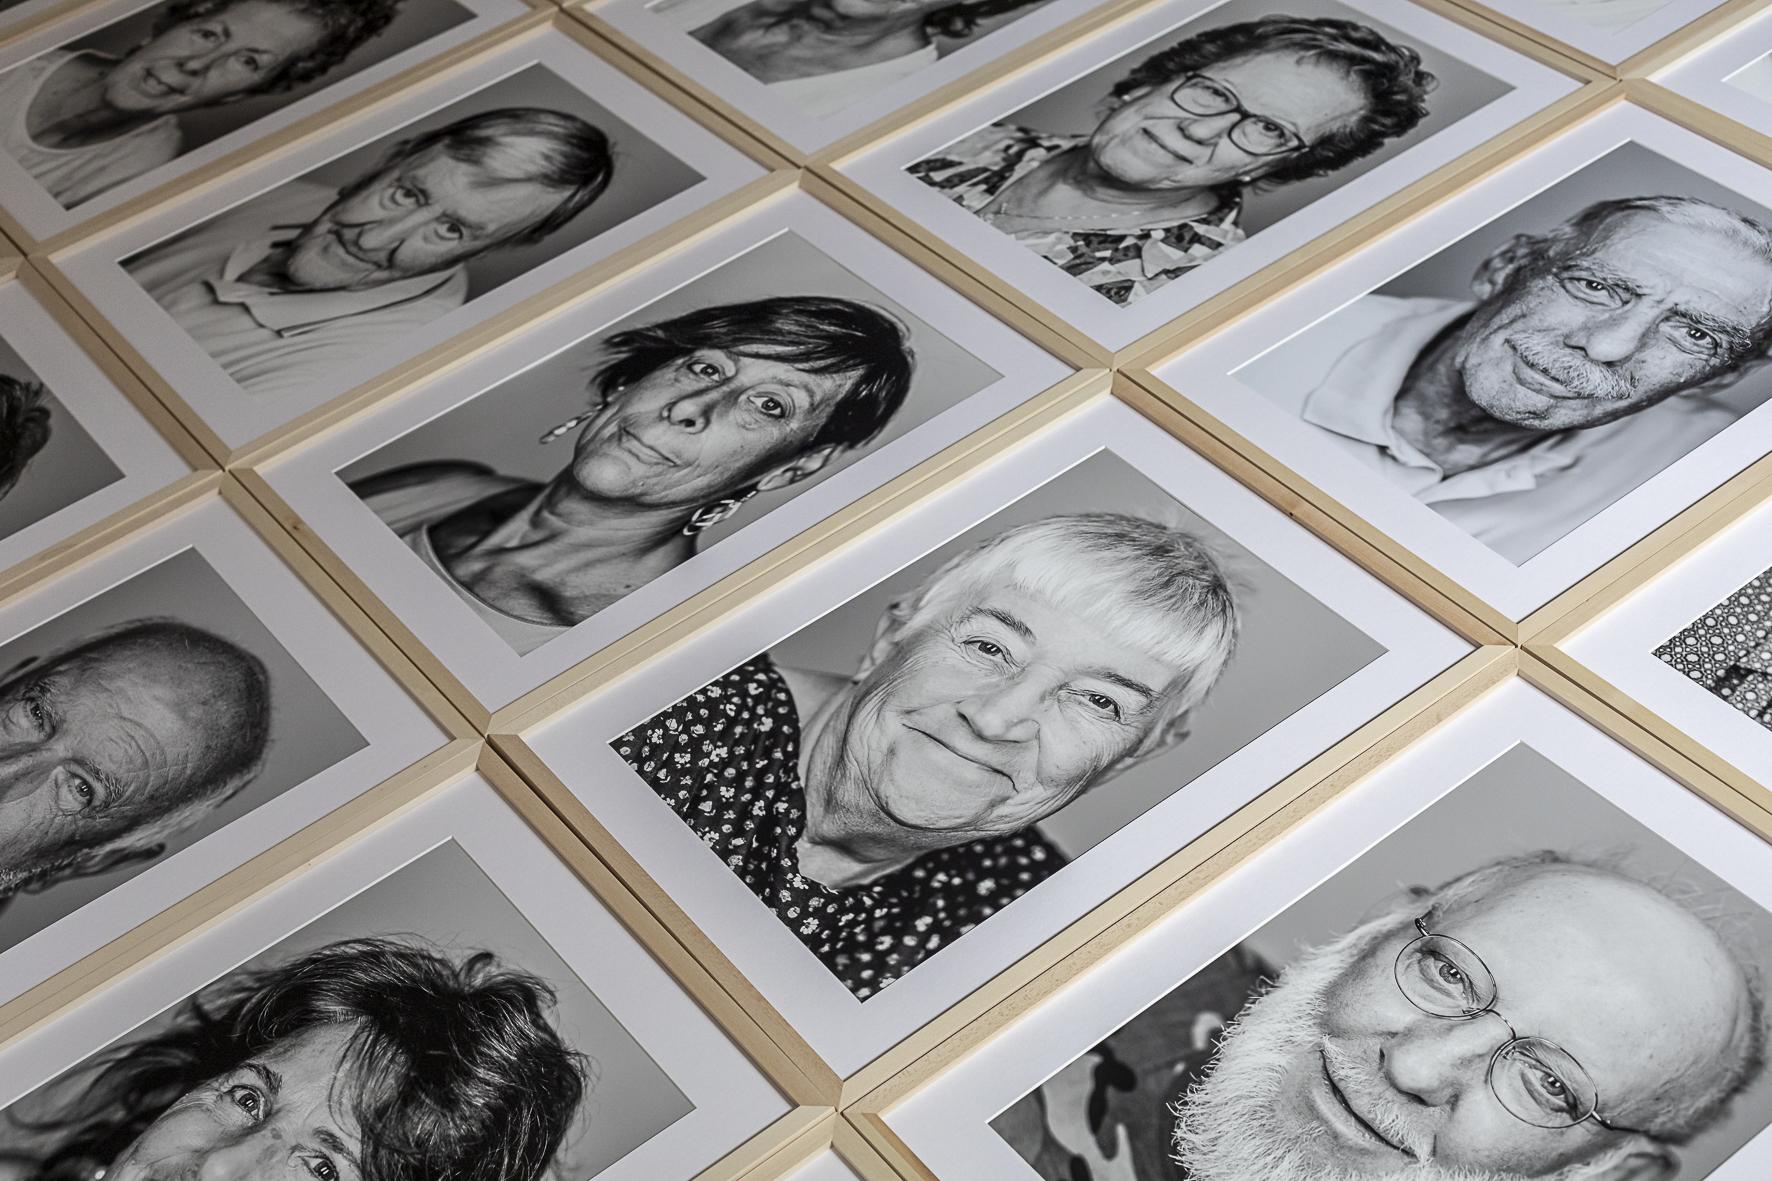 IOCISONO-ritratti-in-bianco-e-nero-allebonicalzi